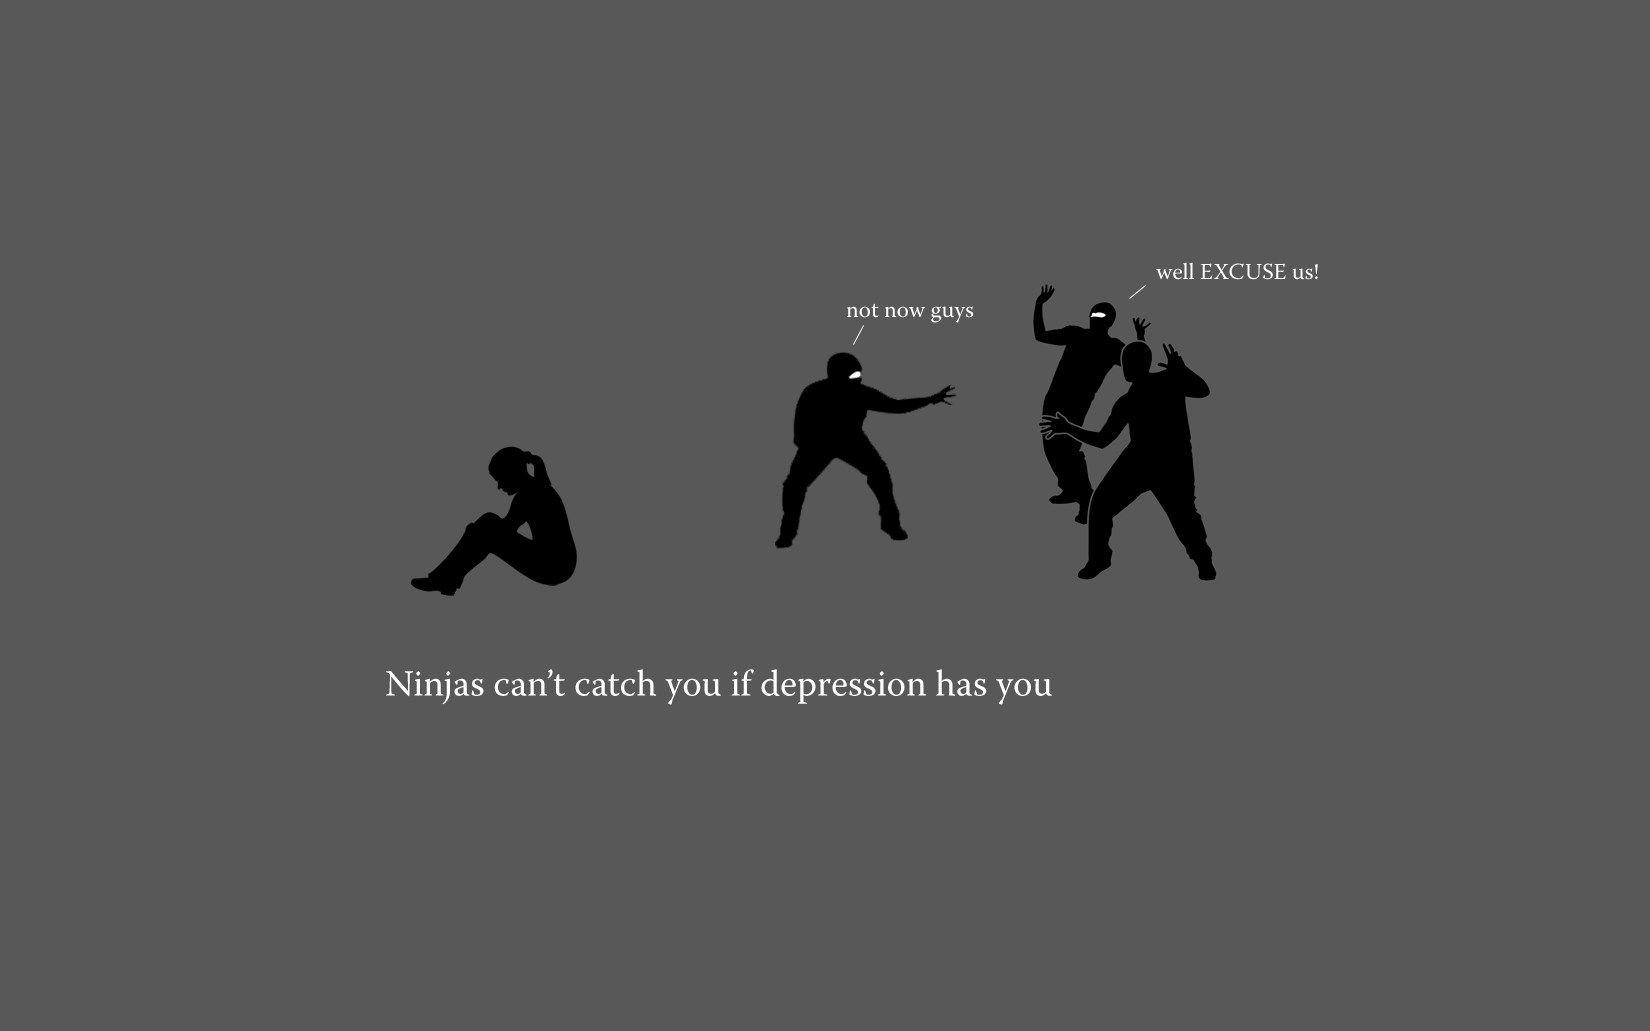 ninja wallpaper for desktop background, 50 kB - Sky Jones